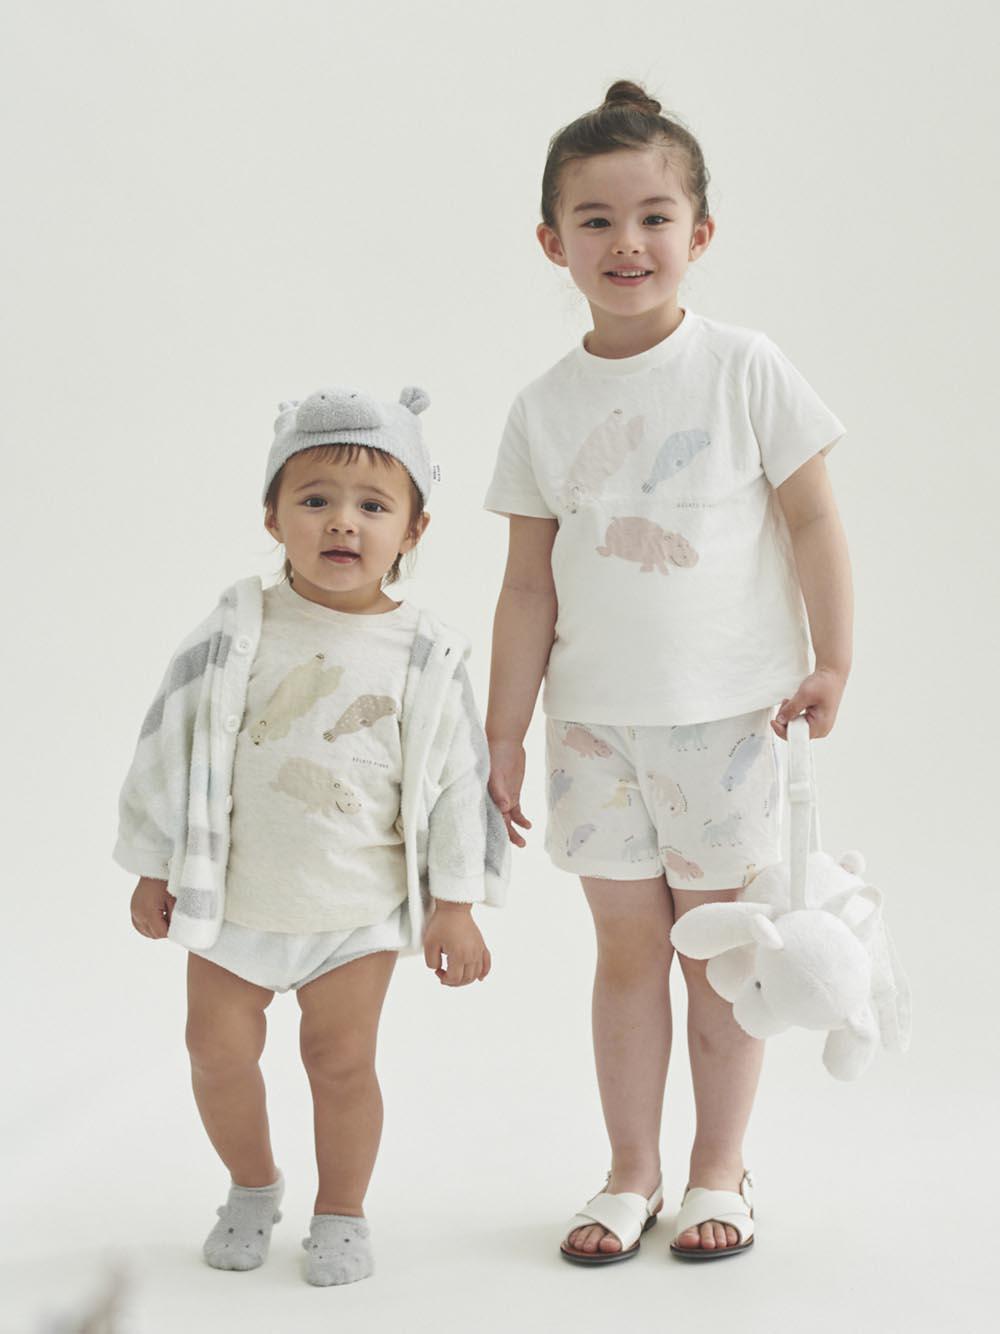 【旭山動物園】'スムーズィー'カバ baby ソックス | PBGS202737